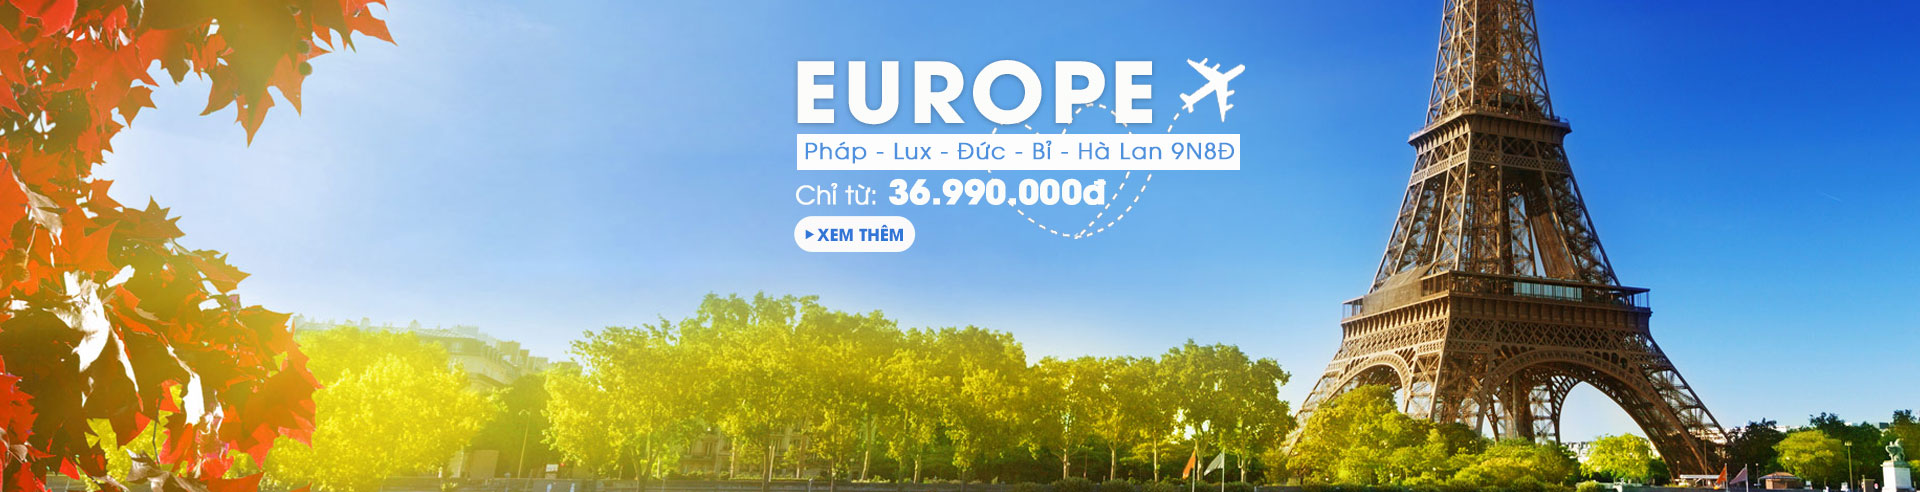 Châu Âu: hành trình du ngoạn Châu Âu